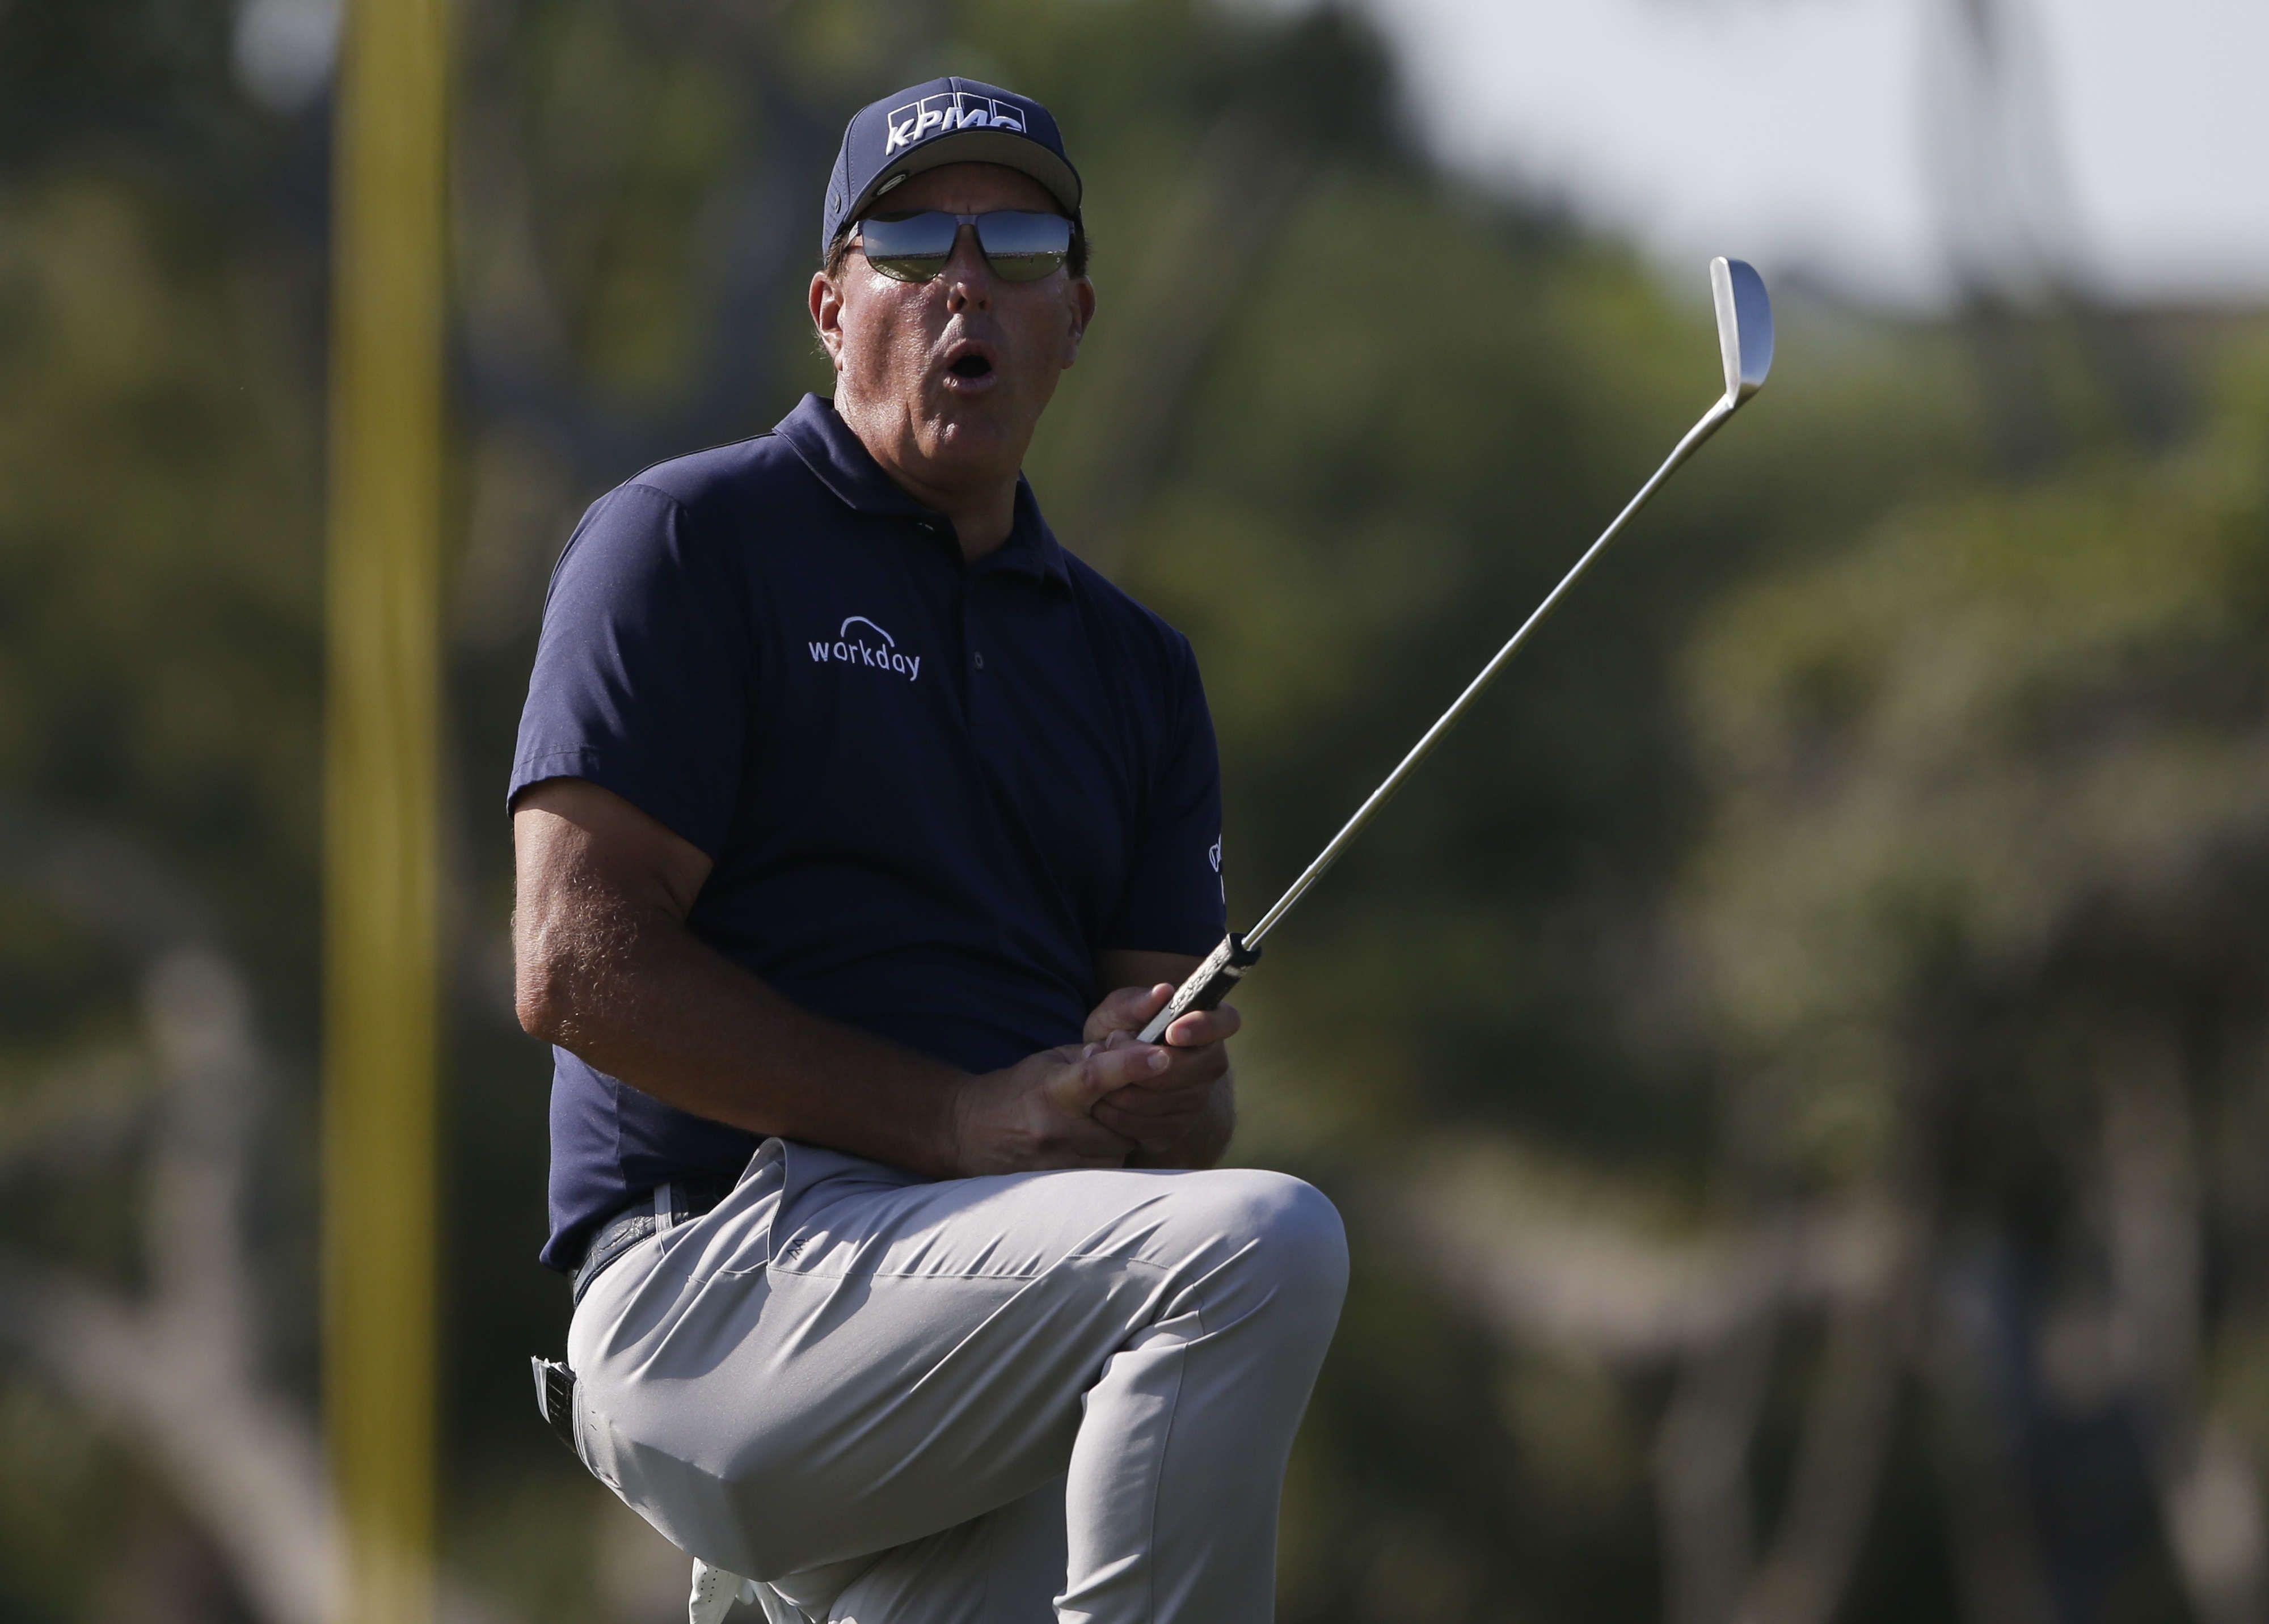 Phil Mickelson lors de sa victoire au Championnat PGA ce dimanche à Kiawah Island, en Caroline du Sud.